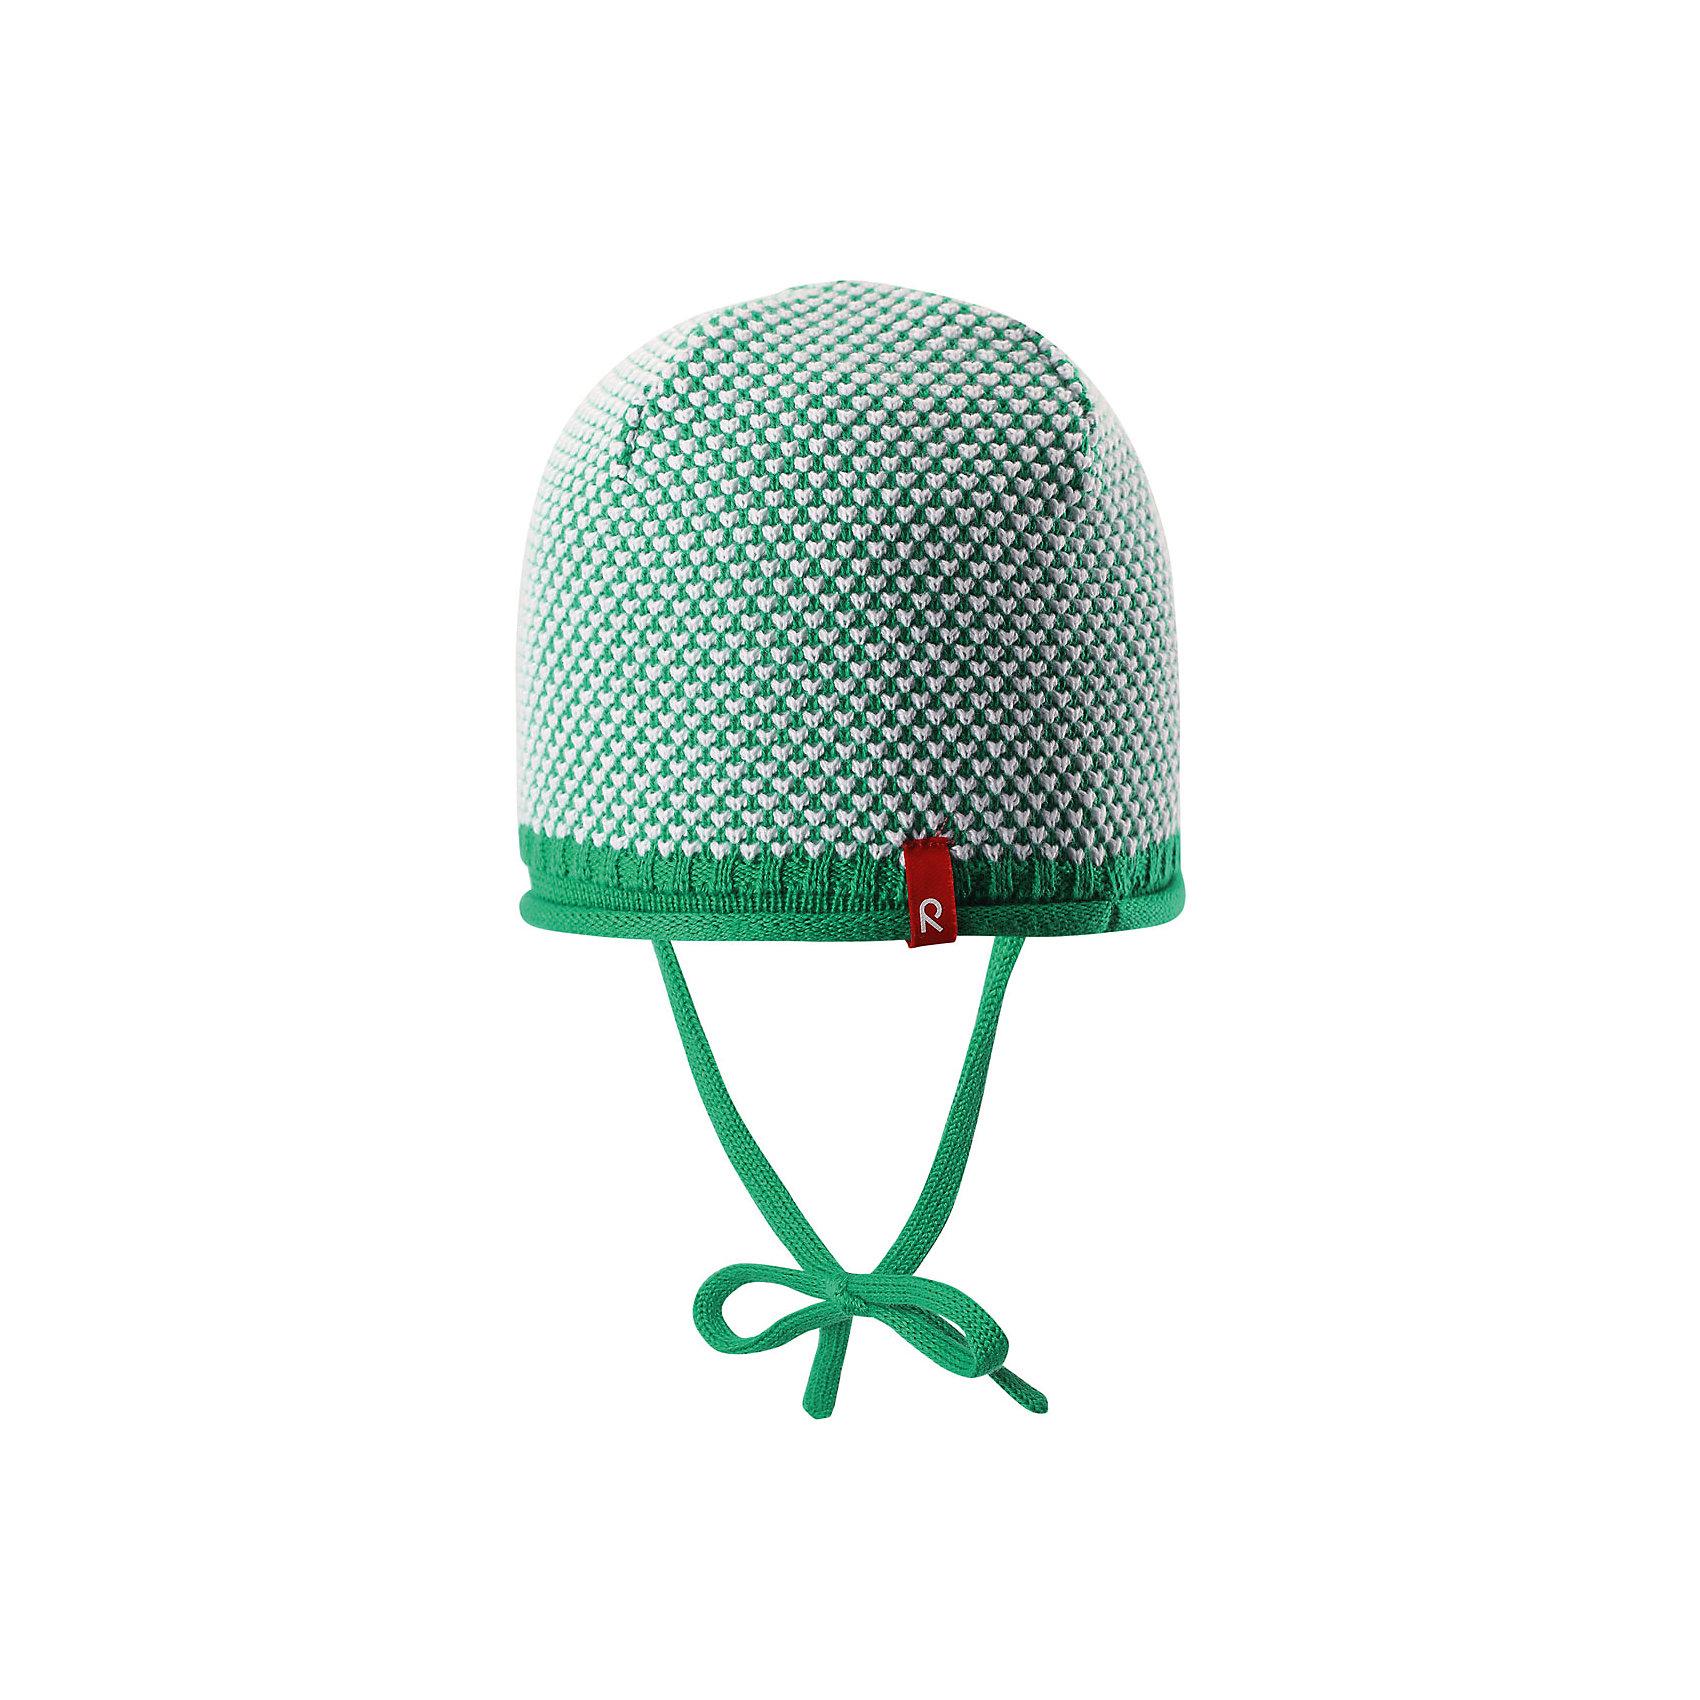 Шапка для мальчика ReimaШапки и шарфы<br>Характеристики товара:<br><br>• цвет: зелёный<br>• состав: 100% хлопок<br>• облегчённая модель без подкладки<br>• температурный режим: от +10С<br>• эластичный хлопковый трикотаж<br>• изделие сертифицированно по старндарту Oeko-Tex на продукцию класса 1 - одежда для новорожденных<br>• завязки во всех размерах<br>• эмблема Reima спереди<br>• декоративная структурная вязка<br>• страна бренда: Финляндия<br>• страна производства: Китай<br><br>Детский головной убор может быть модным и удобным одновременно! Стильная шапка поможет обеспечить ребенку комфорт и дополнить наряд. Шапка удобно сидит и аккуратно выглядит. Проста в уходе, долго служит. Стильный дизайн разрабатывался специально для детей. Отличная защита от дождя и ветра!<br><br>Уход:<br><br>• стирать по отдельности, вывернув наизнанку<br>• придать первоначальную форму вo влажном виде<br>• возможна усадка 5 %.<br><br>Шапку для мальчика от финского бренда Reima (Рейма) можно купить в нашем интернет-магазине.<br><br>Ширина мм: 89<br>Глубина мм: 117<br>Высота мм: 44<br>Вес г: 155<br>Цвет: зеленый<br>Возраст от месяцев: 24<br>Возраст до месяцев: 60<br>Пол: Мужской<br>Возраст: Детский<br>Размер: 52,46,48,50<br>SKU: 5270906